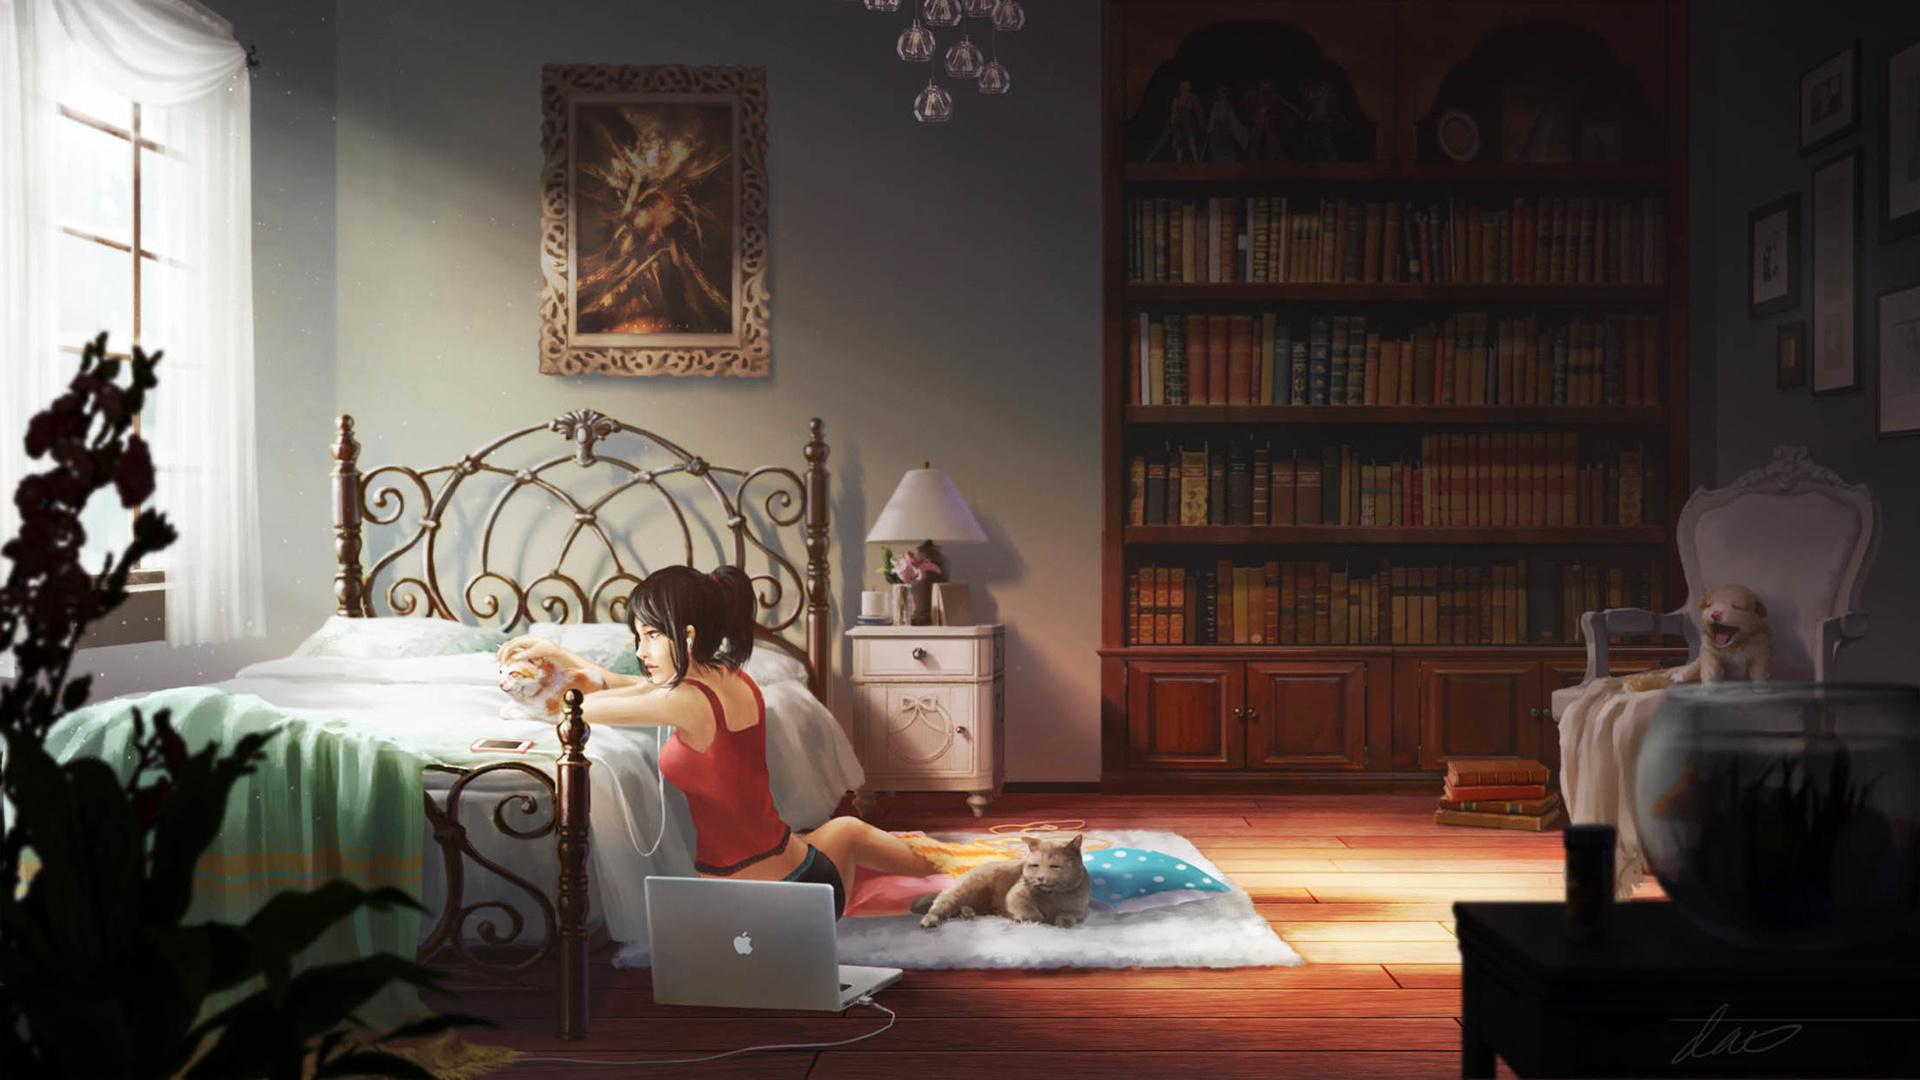 Desktop Wallpaper Cute Anime Girl, Relaxed, Bedroom ...